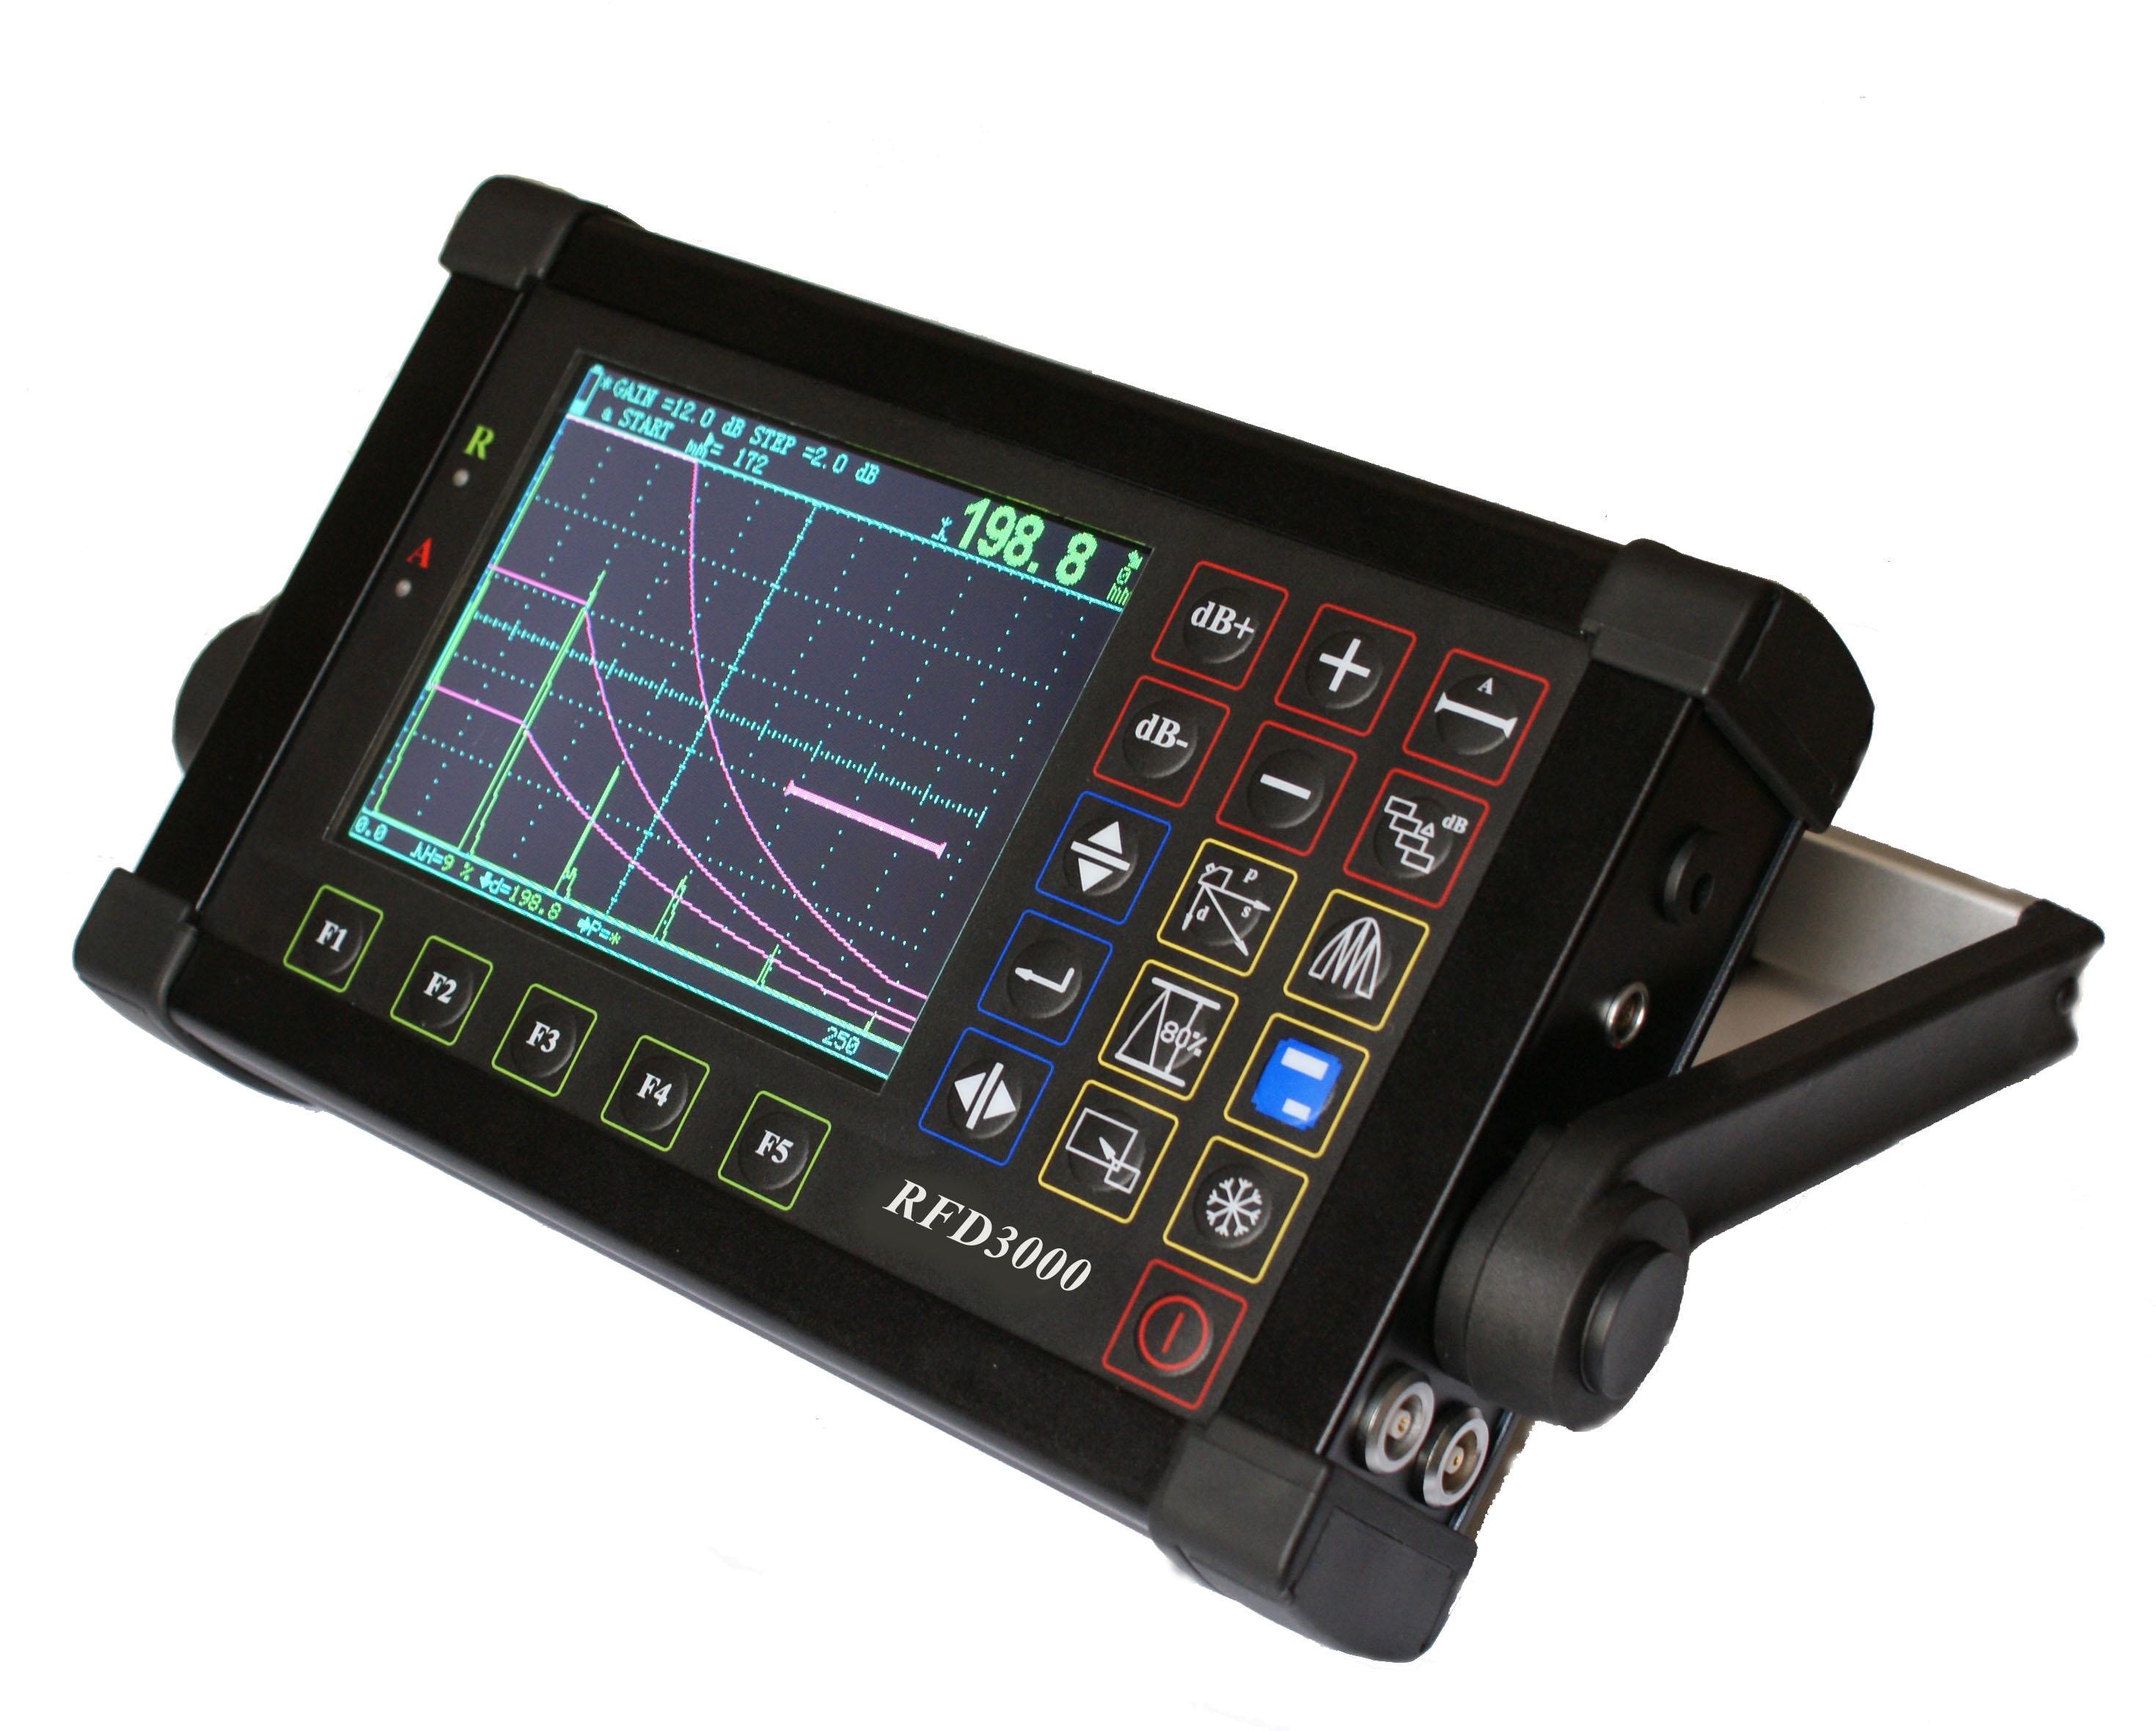 เครื่องตรวจสอบรอยร้าวโดยวิธีอัลตร้าโซนิค (Ultrasonic flaw detector) รุ่น RFD 3000 Defectoscope 0~10000mm